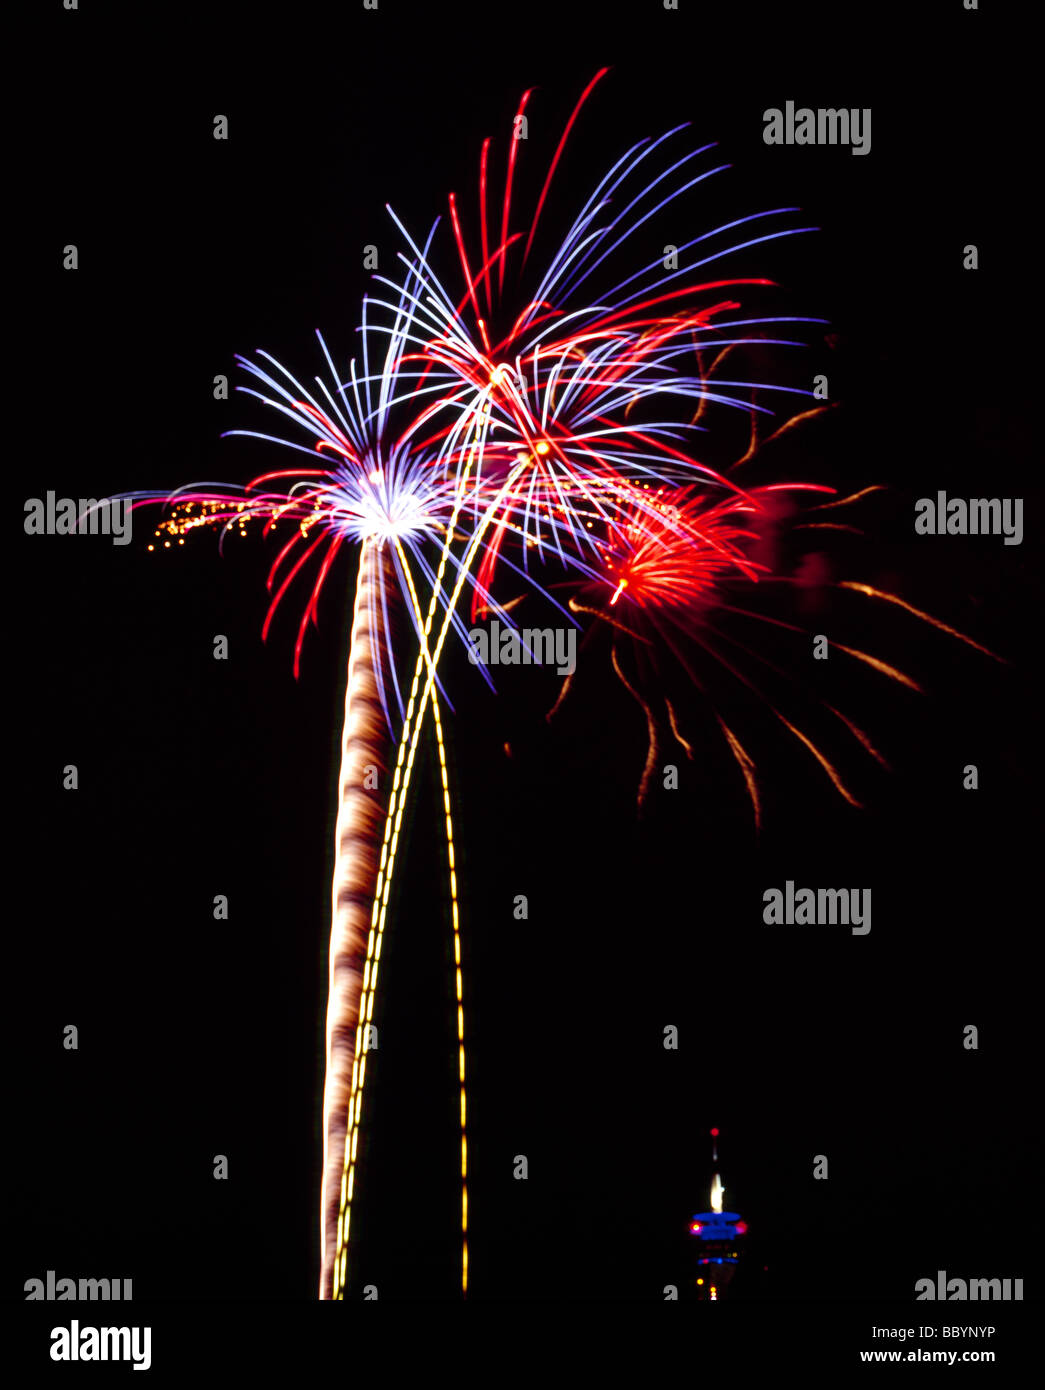 Japanische Feuerwerk während der Japan-Tag 2009 Düsseldorf Japanisches Feuerwerk Beim Japantag 2009 Düsseldorf Stockbild